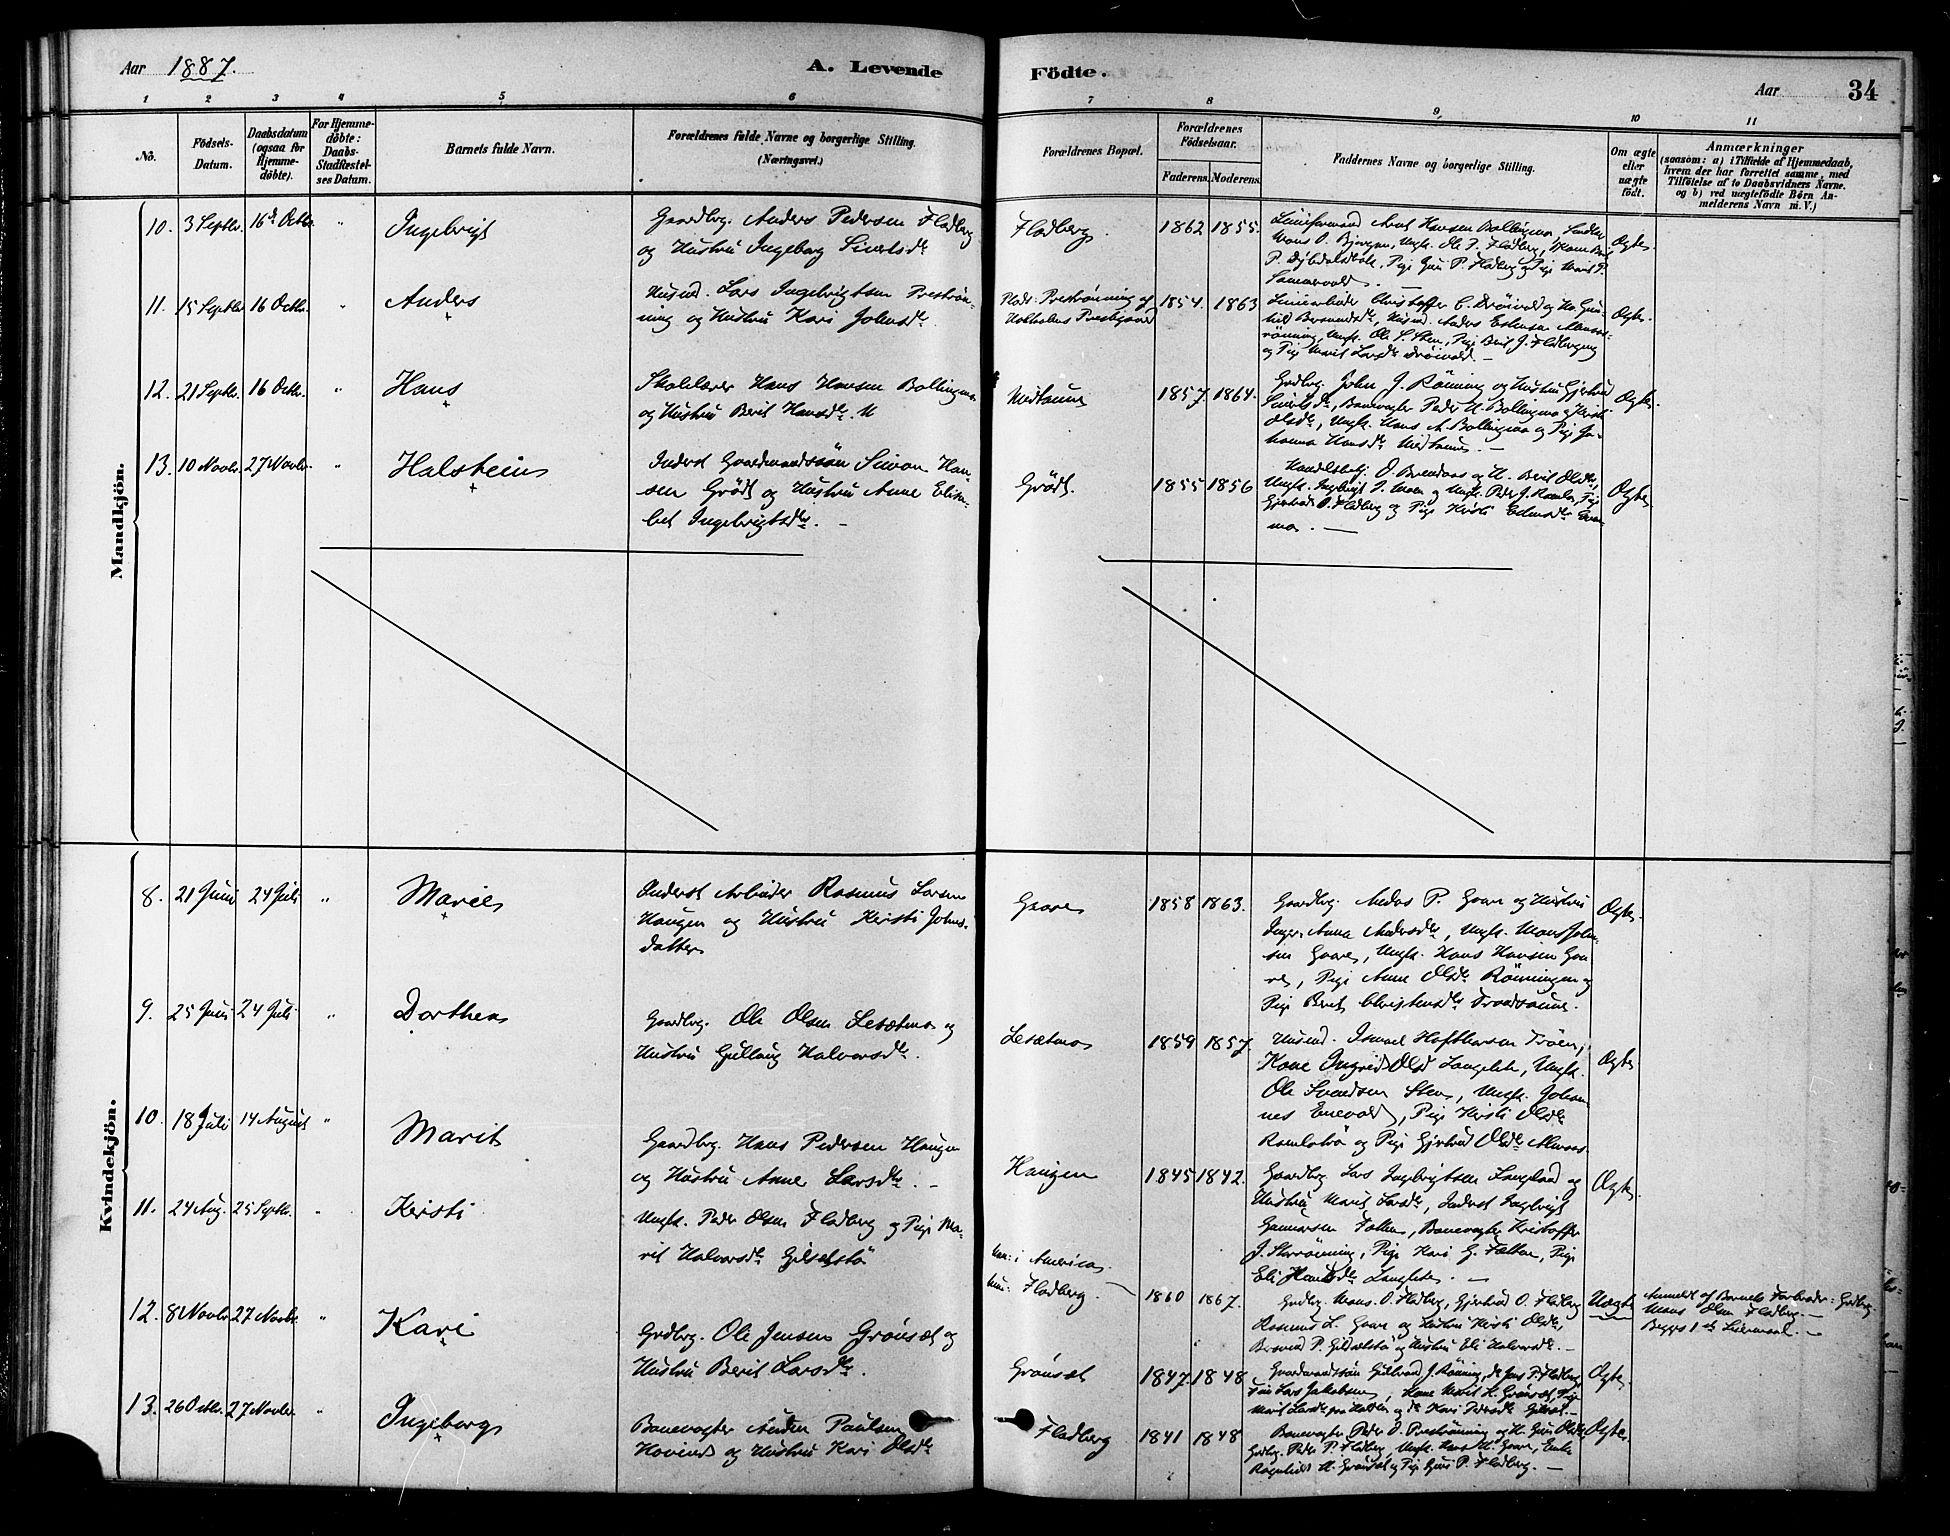 SAT, Ministerialprotokoller, klokkerbøker og fødselsregistre - Sør-Trøndelag, 685/L0972: Ministerialbok nr. 685A09, 1879-1890, s. 34